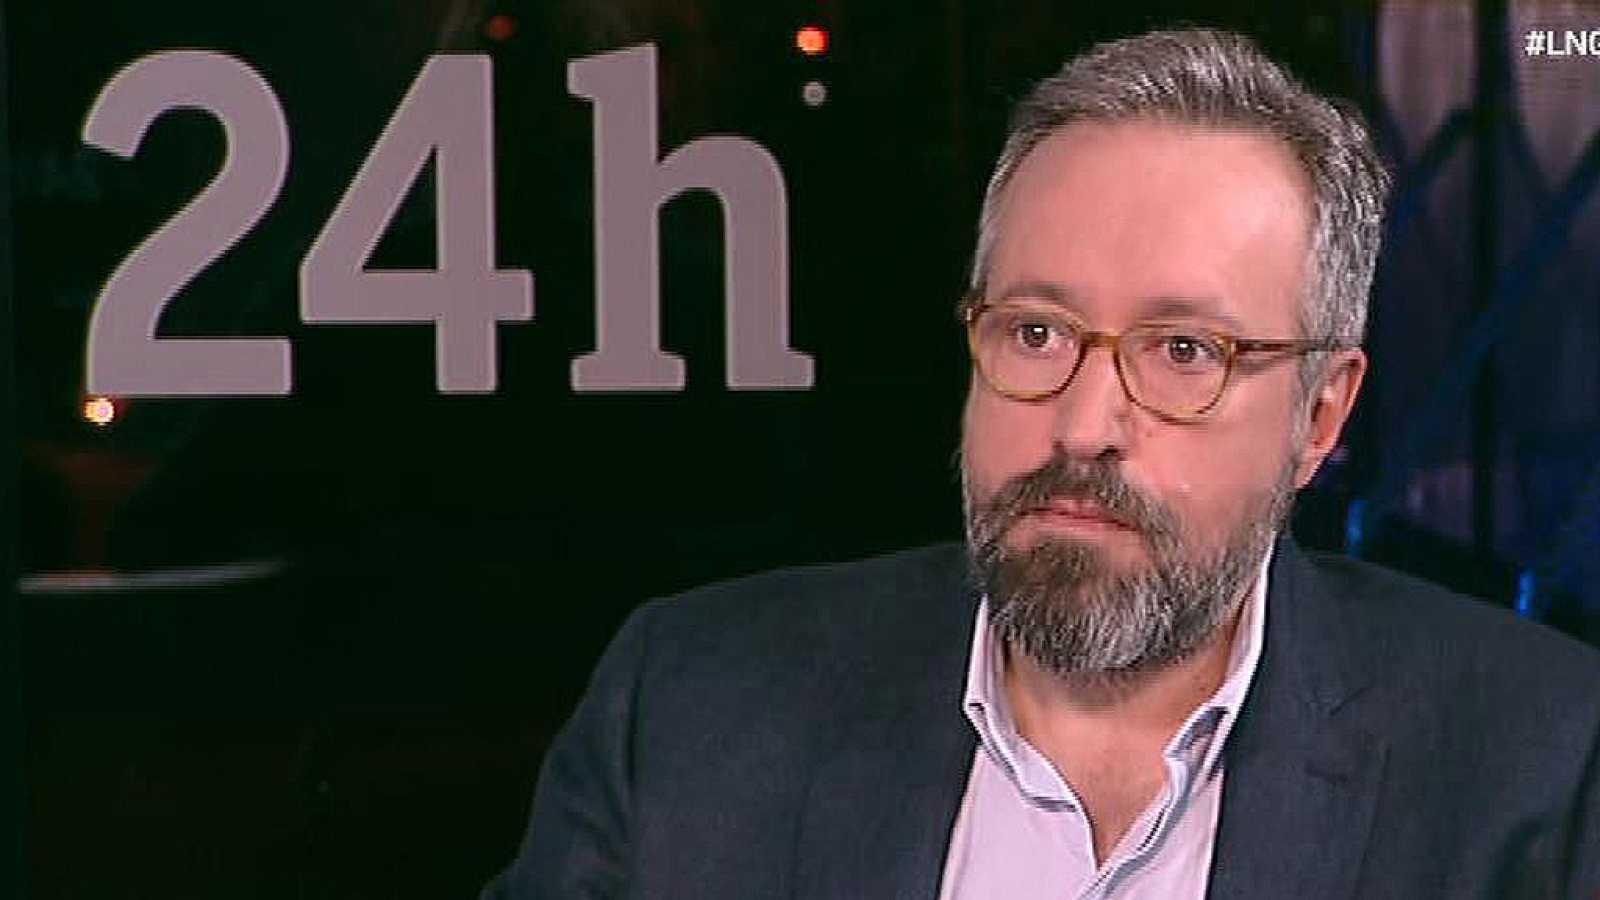 [ARV] Especial Elecciones Catalanas - Página 2 4262262?w=1600&preview=1508445760351